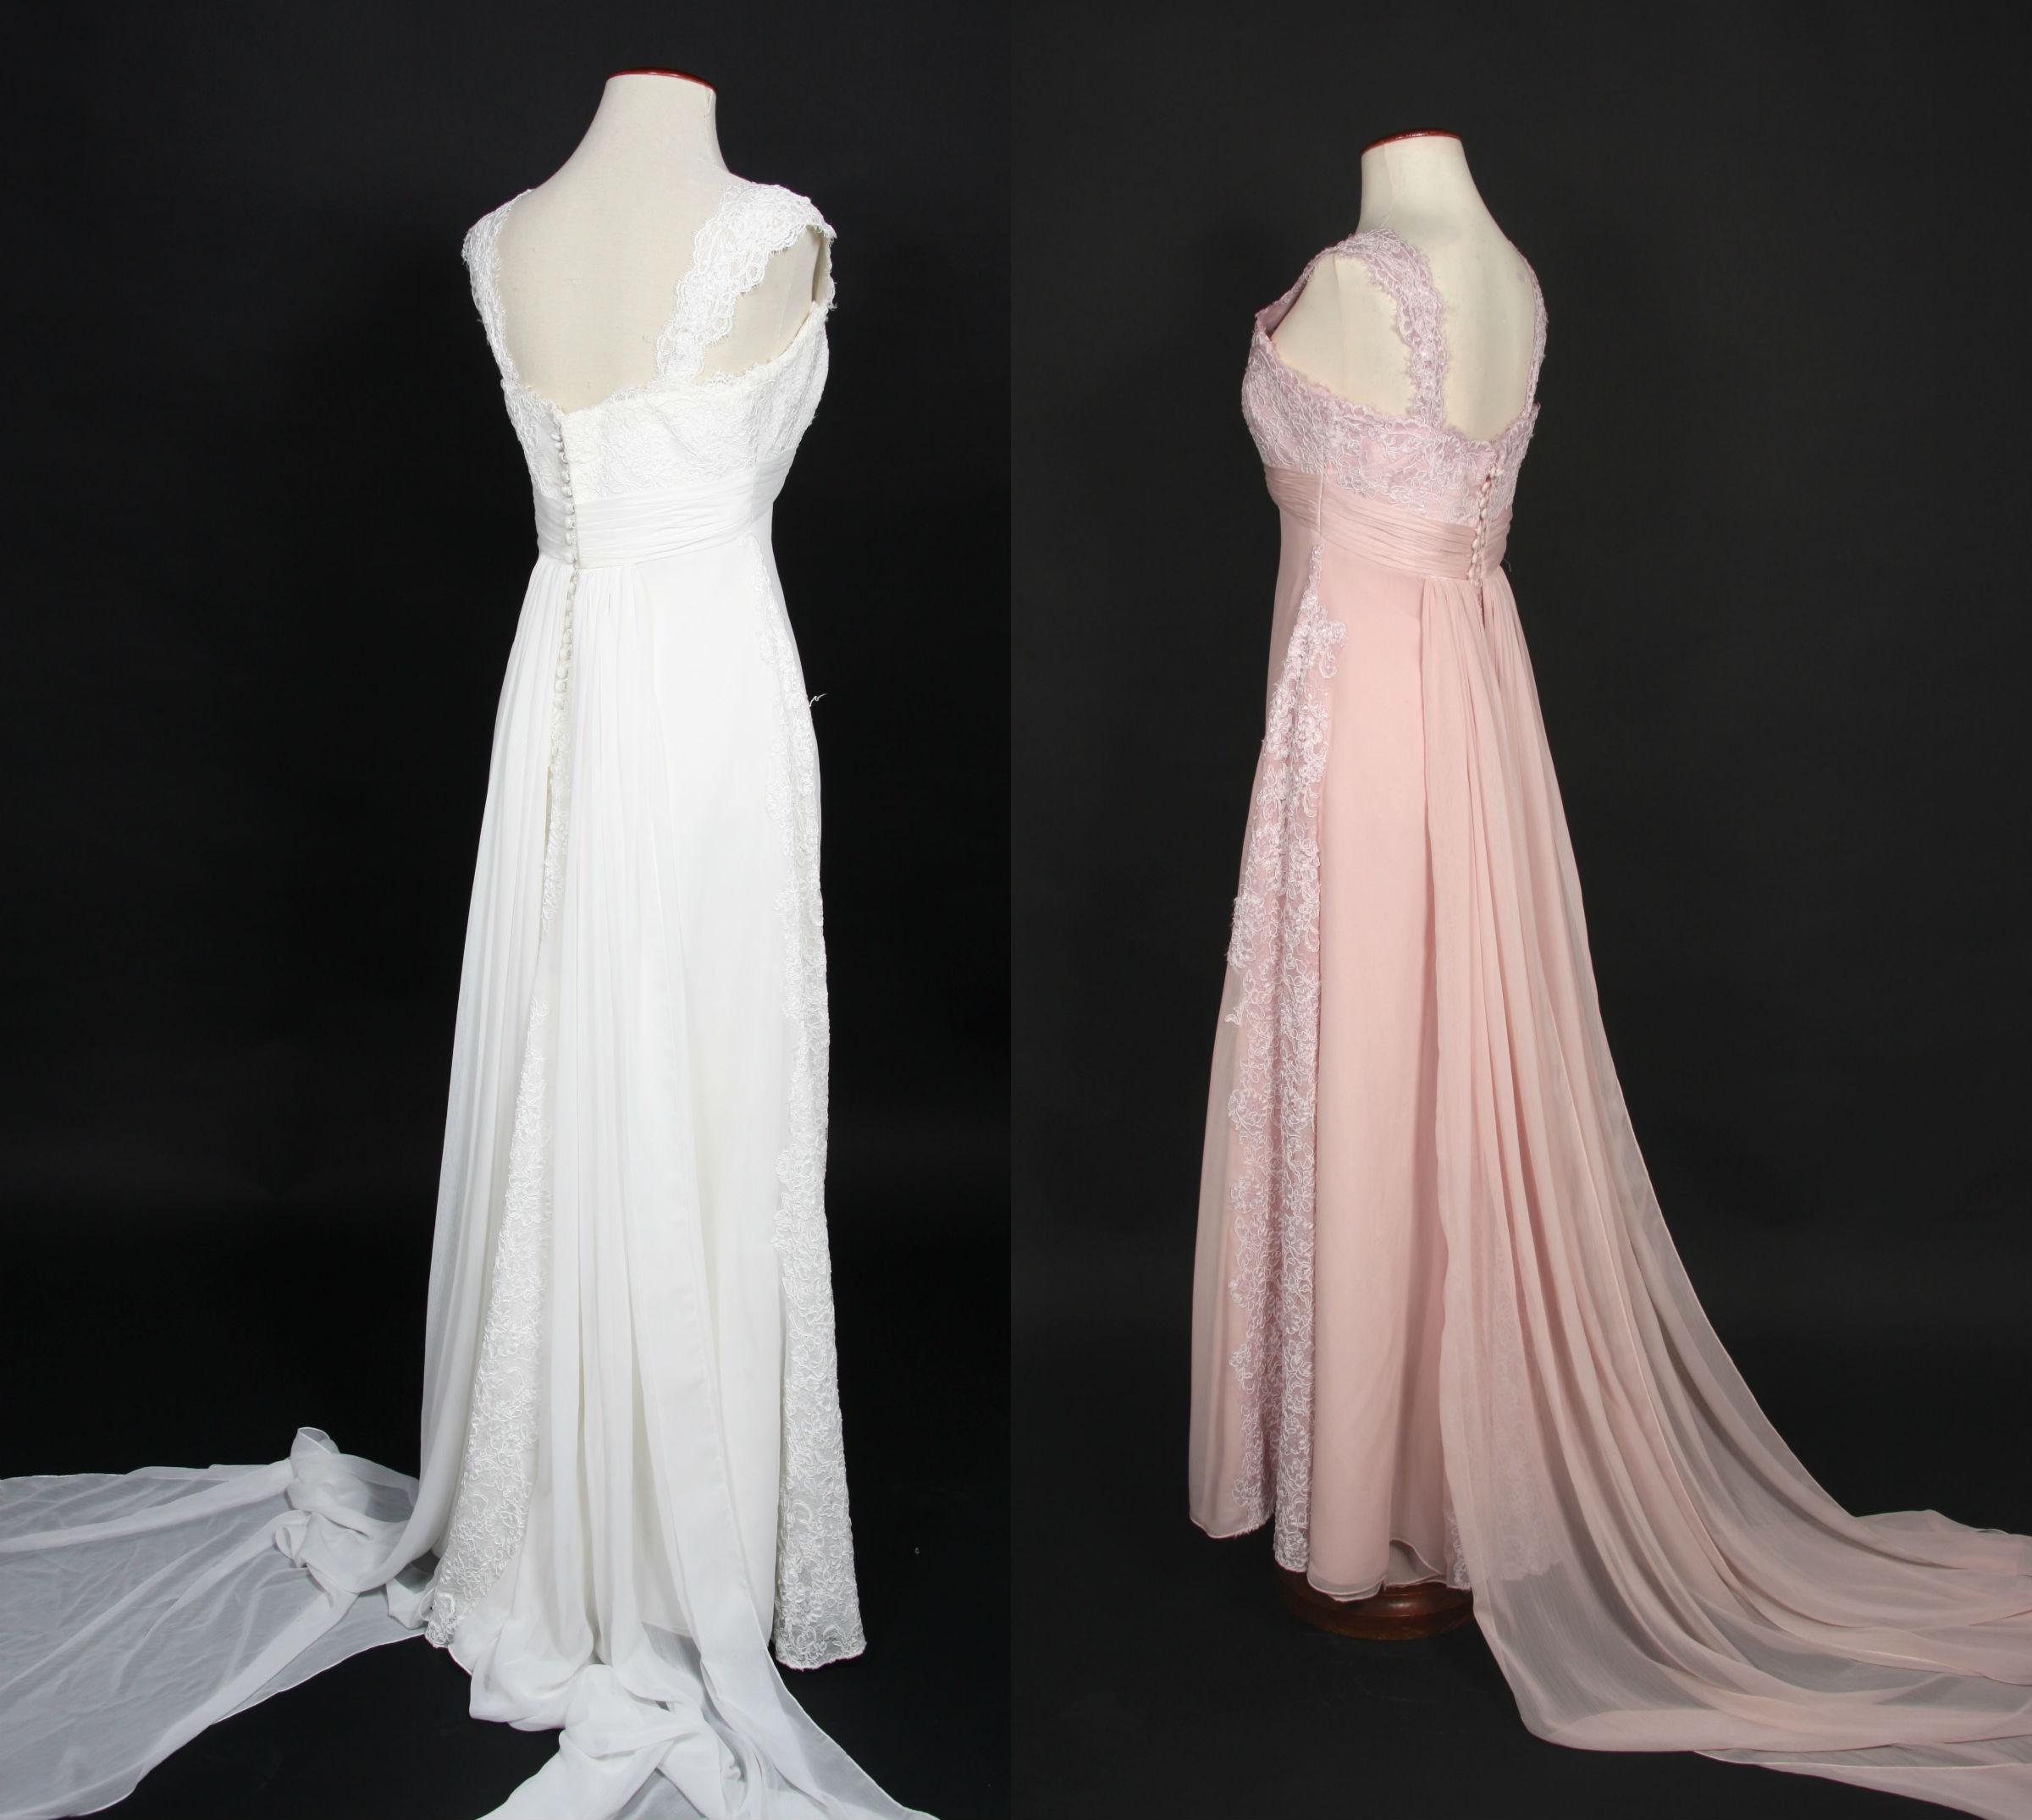 910935757 Teñir Vestidos de Novia o Fiesta en Tintoreria de lujo - Tintoreria ...